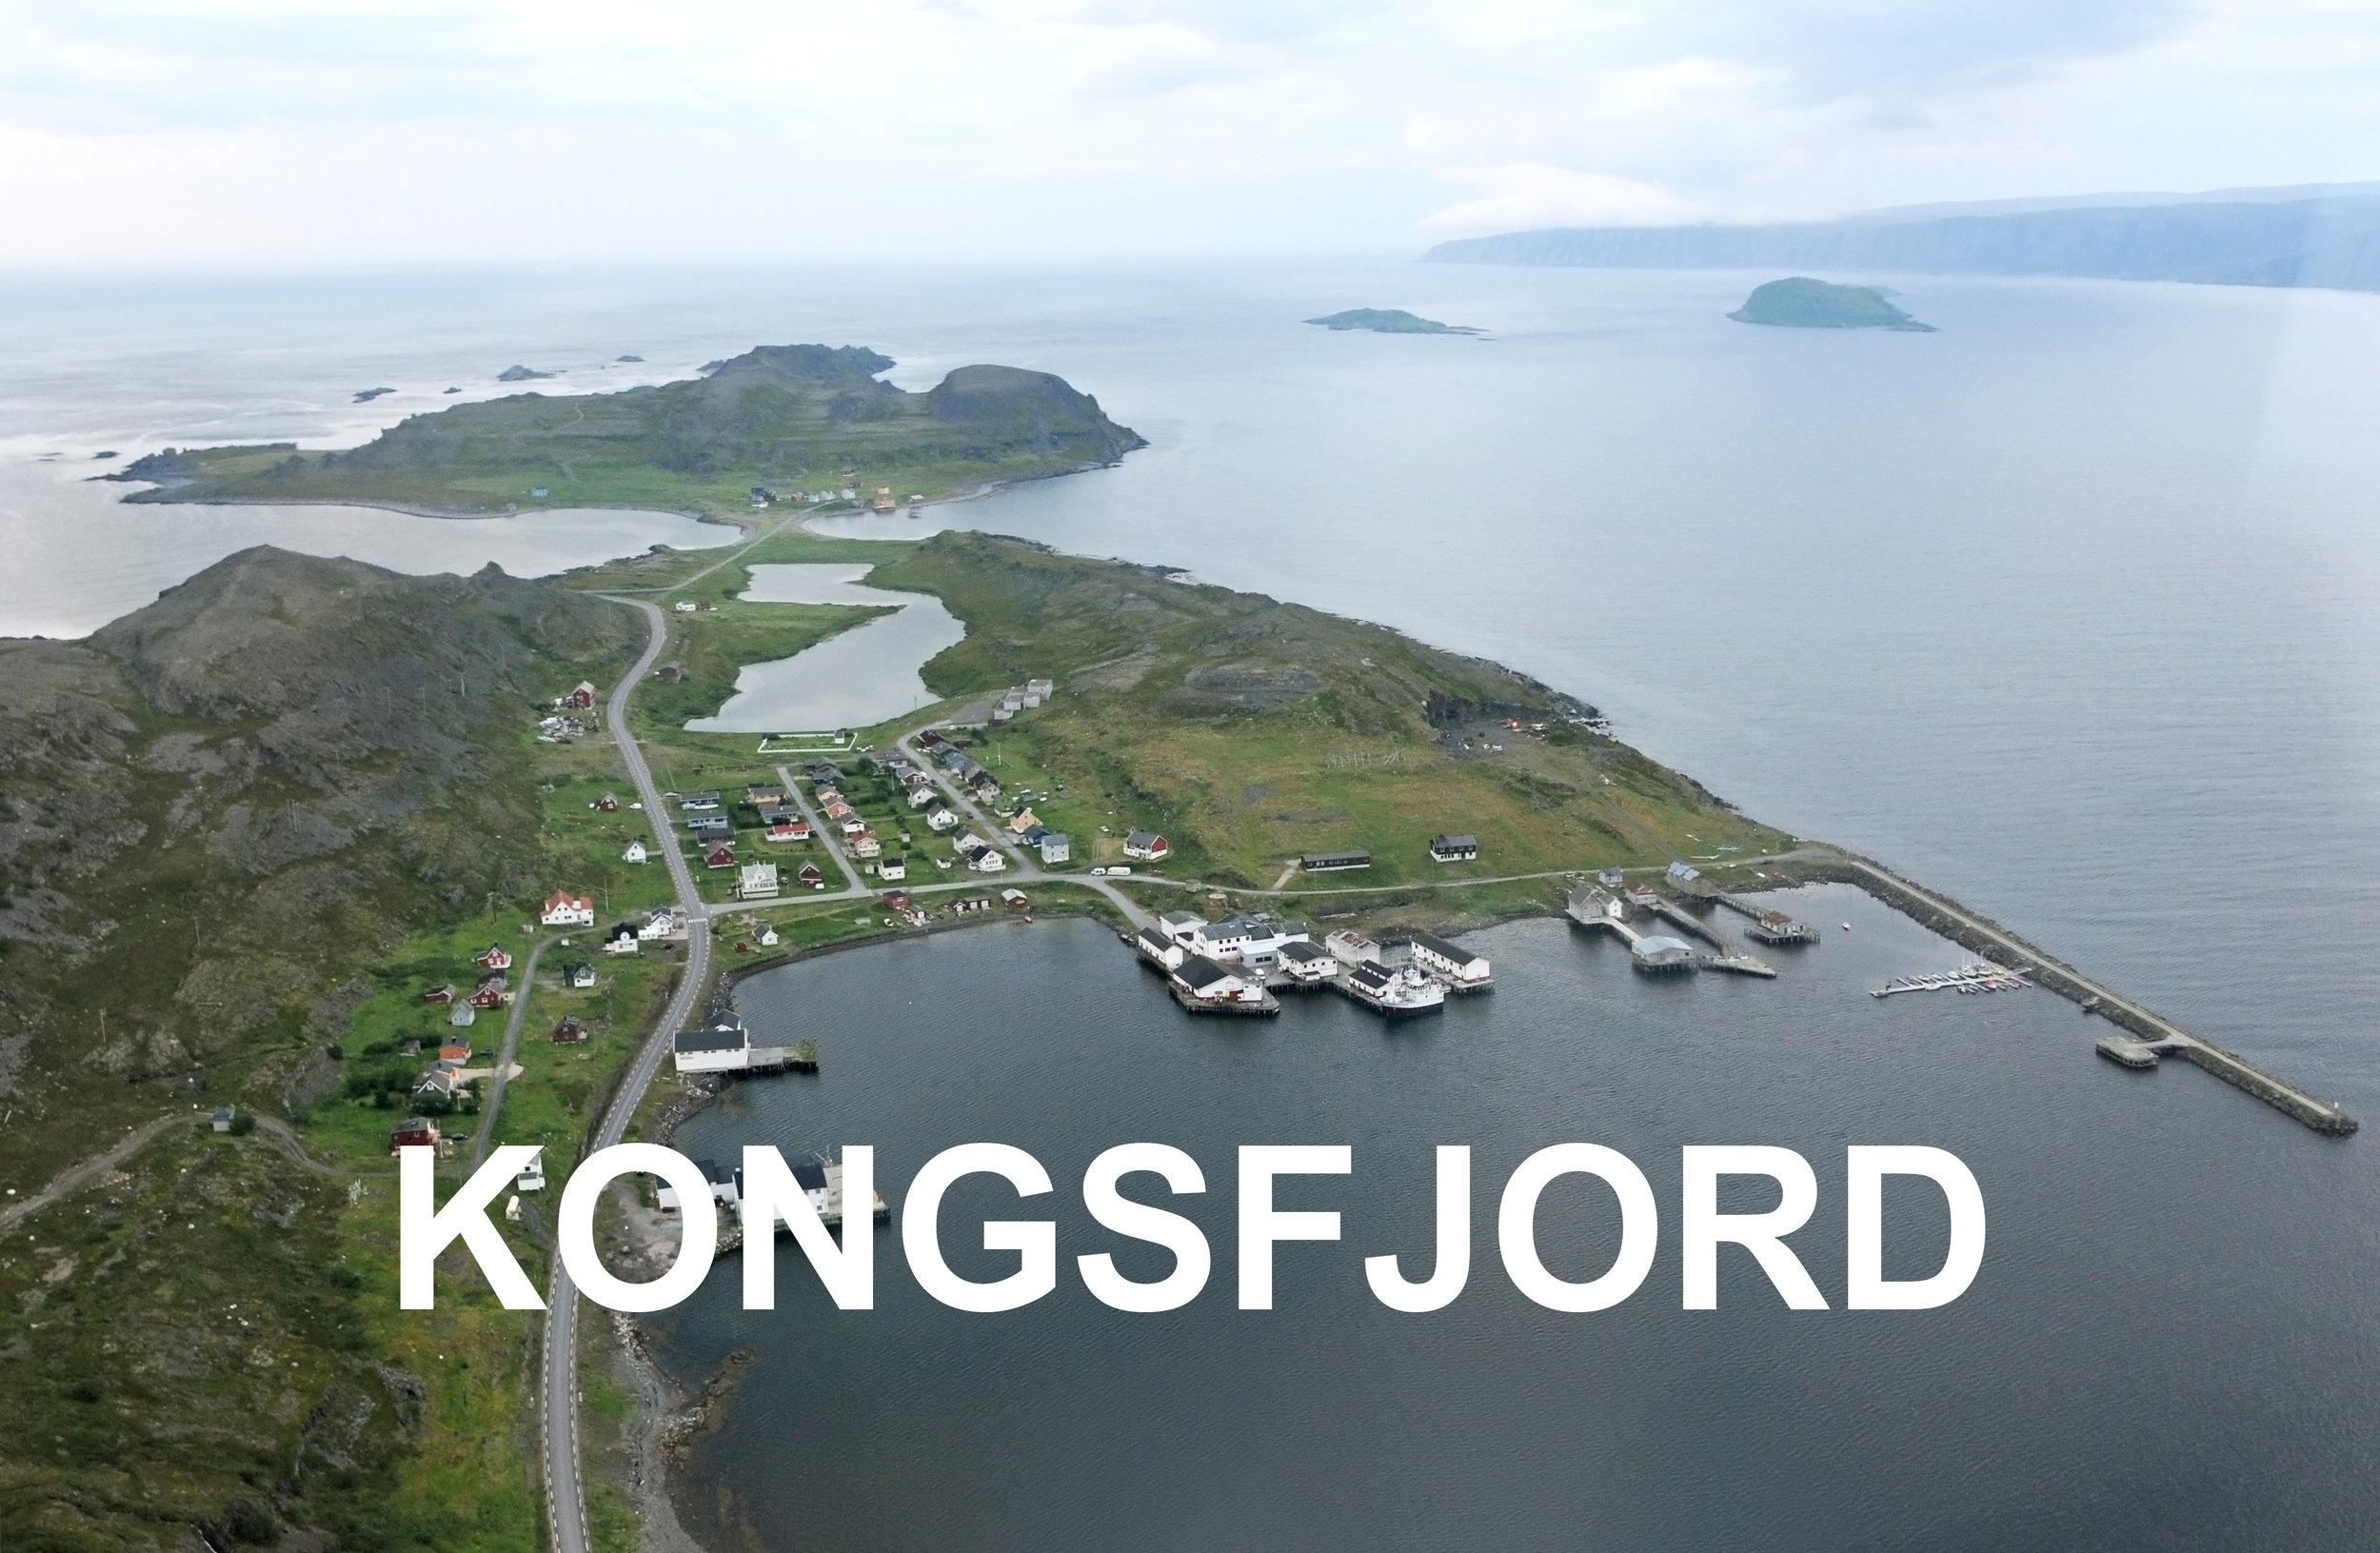 Kongsfjord_Varanger_Biotope_Copyright